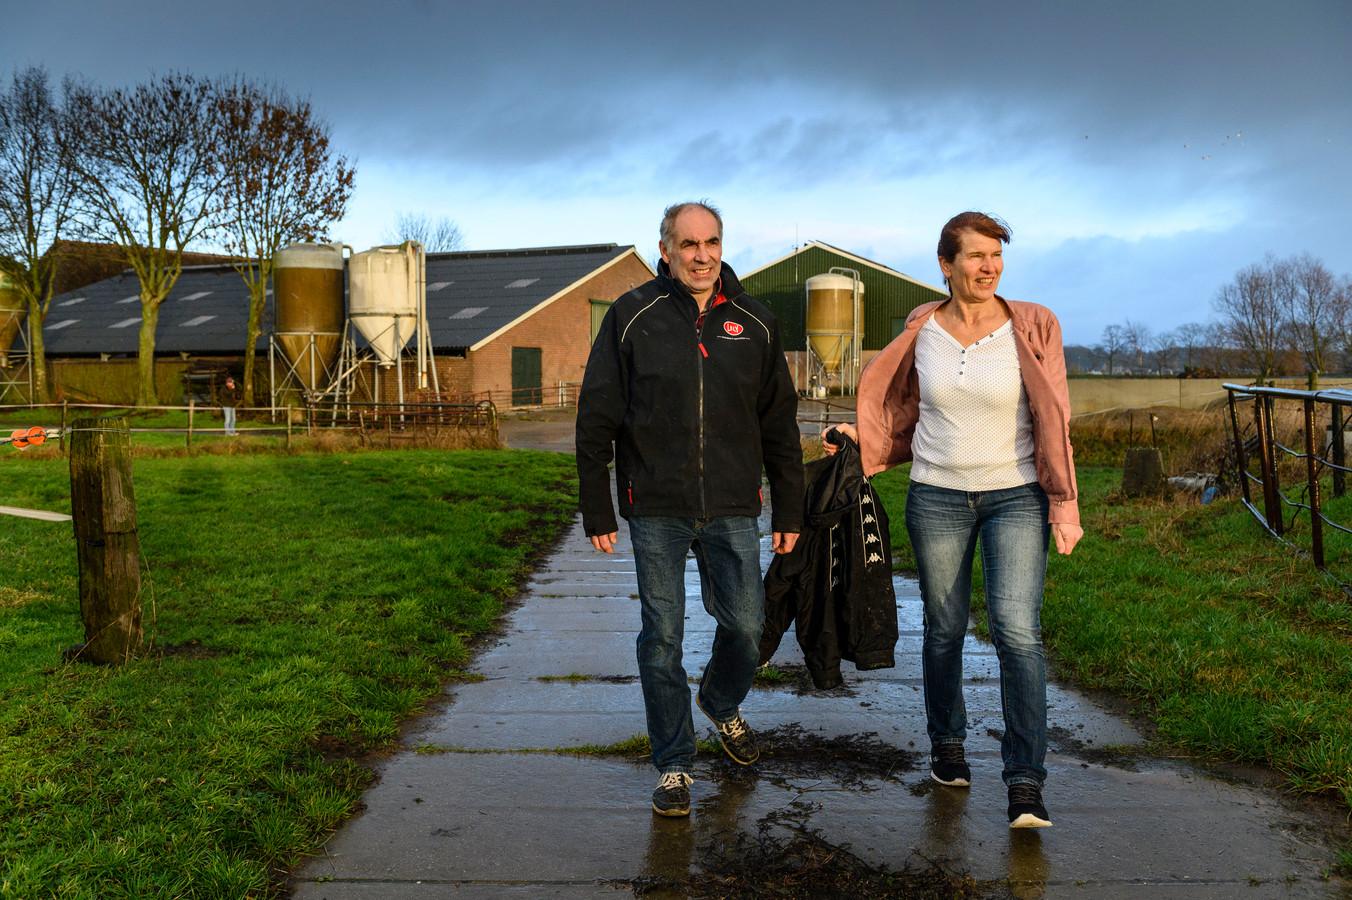 """Henk en Joke Lubberding bij hun melkveehouderij onder de rook van een industriegebied in Zutphen. ,,Dit was altijd een schitterende plek om te wonen, maar nu is het gewoon niet leuk meer."""""""